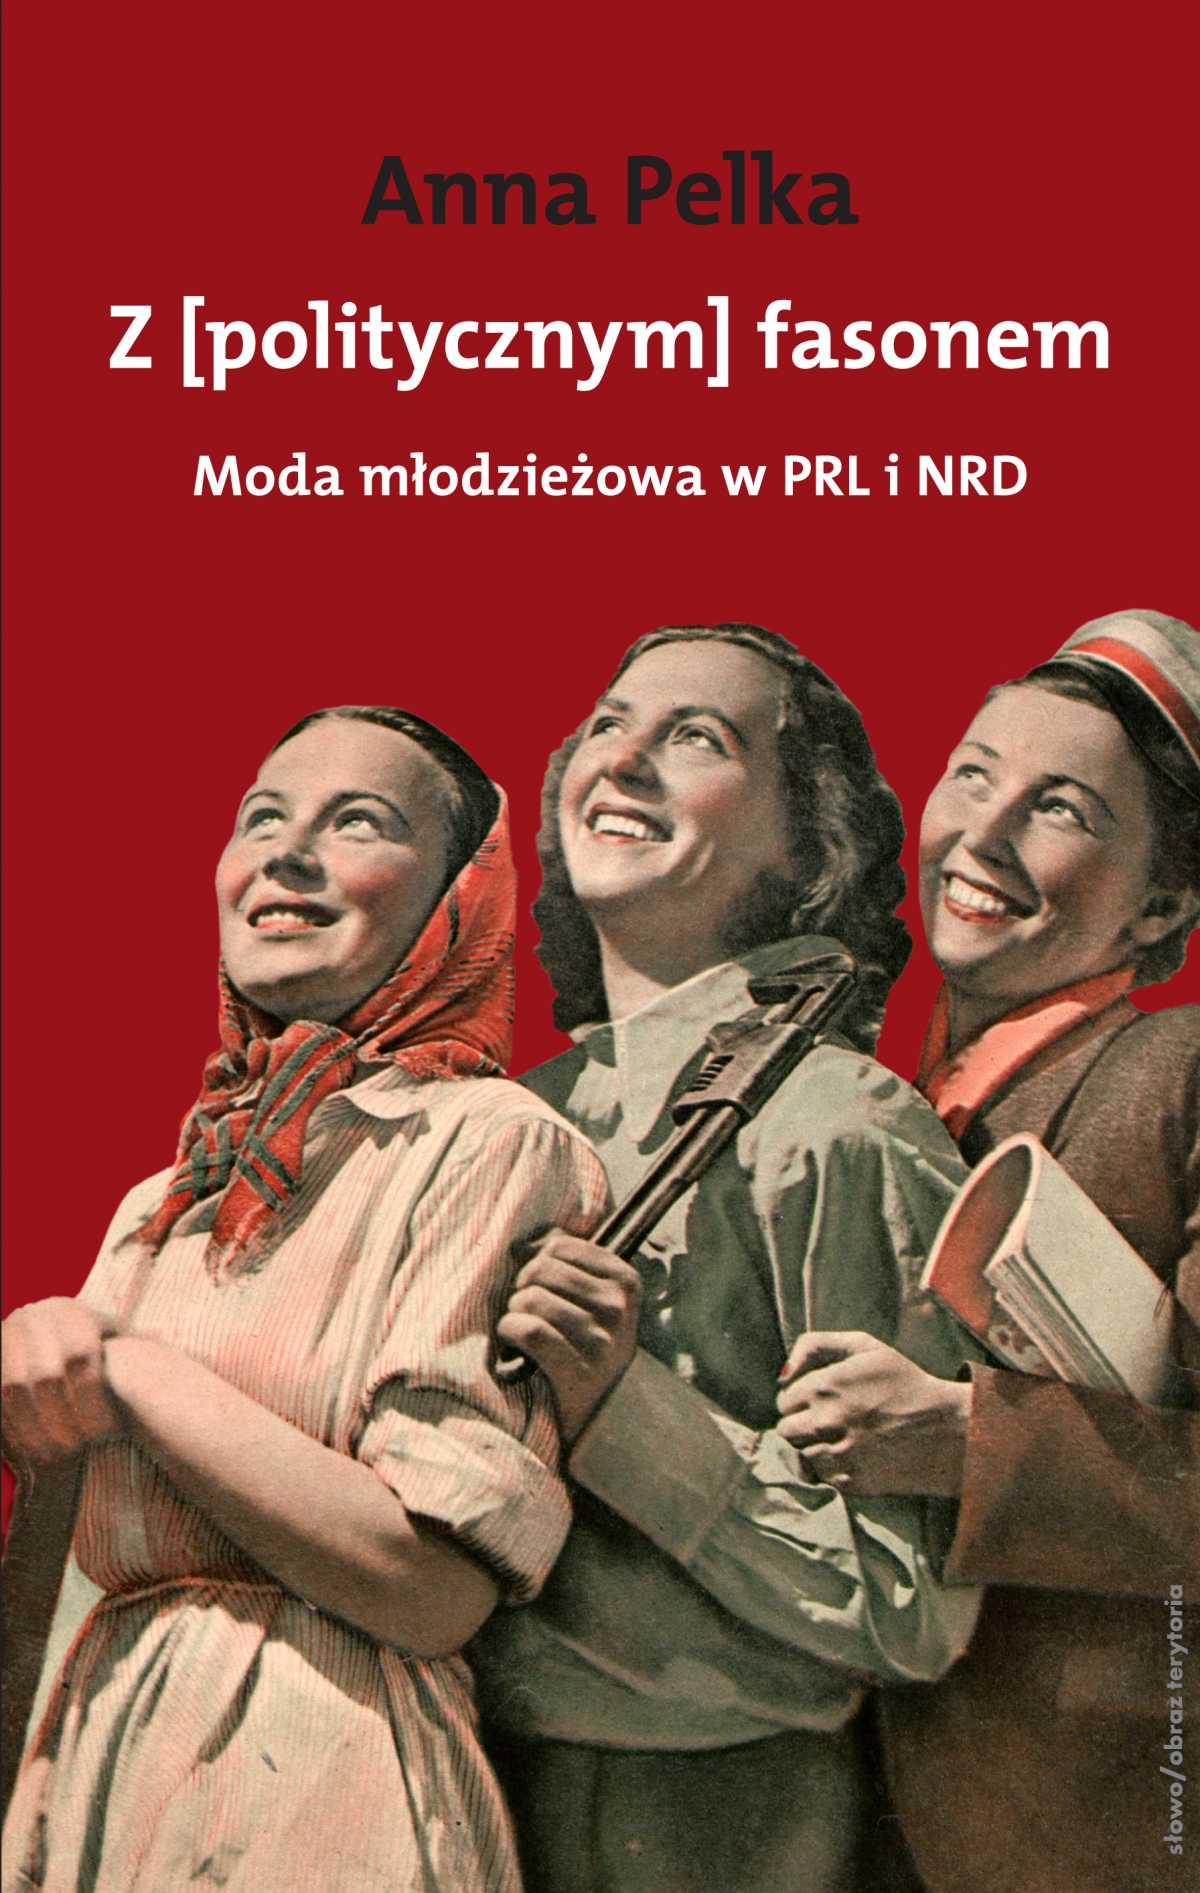 Z politycznym fasonem. Moda młodzieżowa w PRL i NRD - Ebook (Książka na Kindle) do pobrania w formacie MOBI